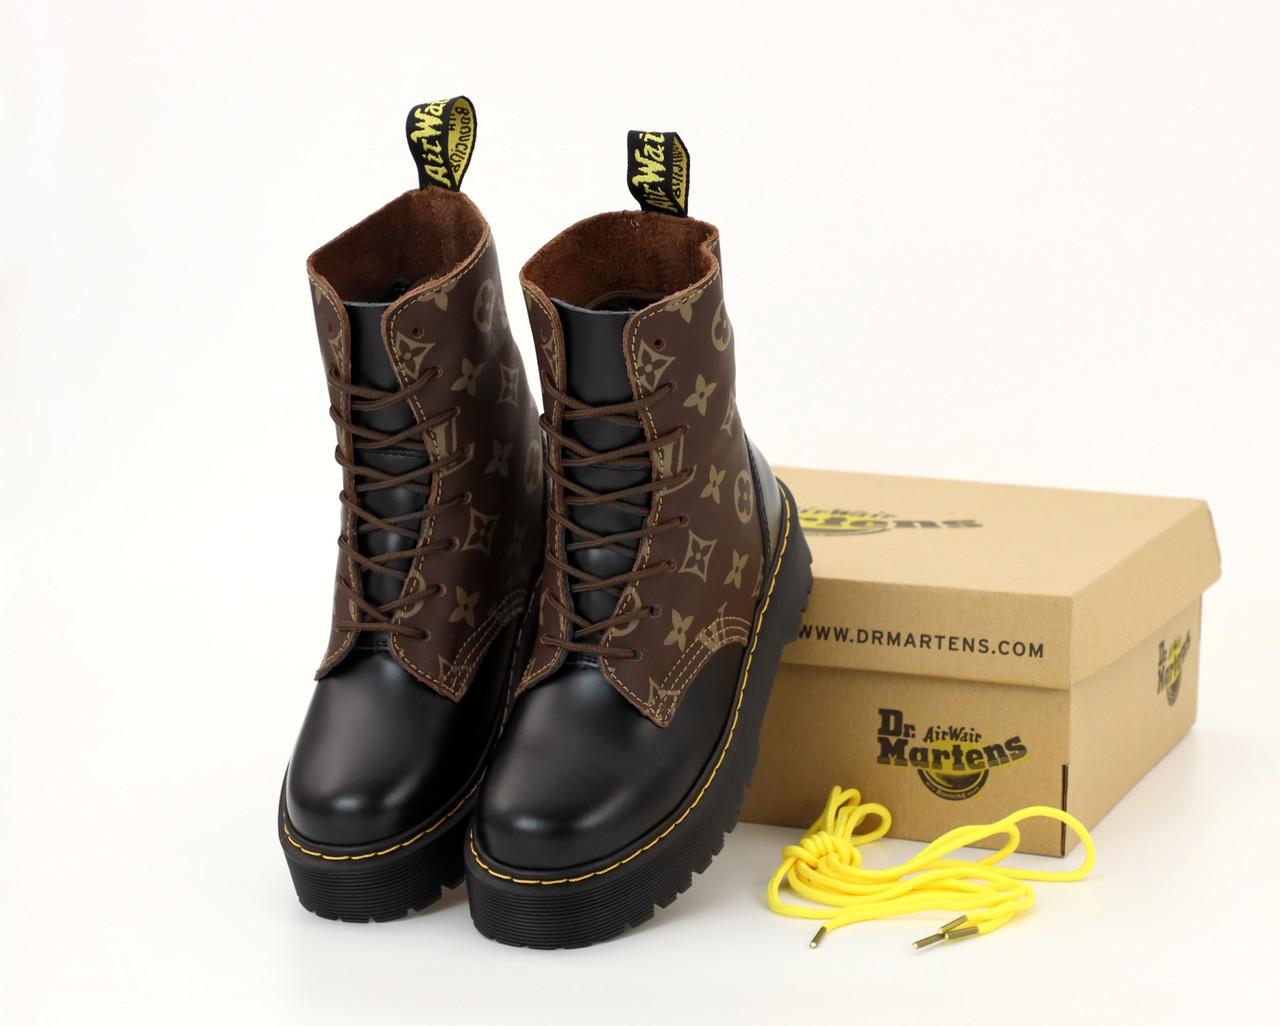 Демисезонные женские ботинки LV & Dr. Martens. ТОП Реплика ААА класса.